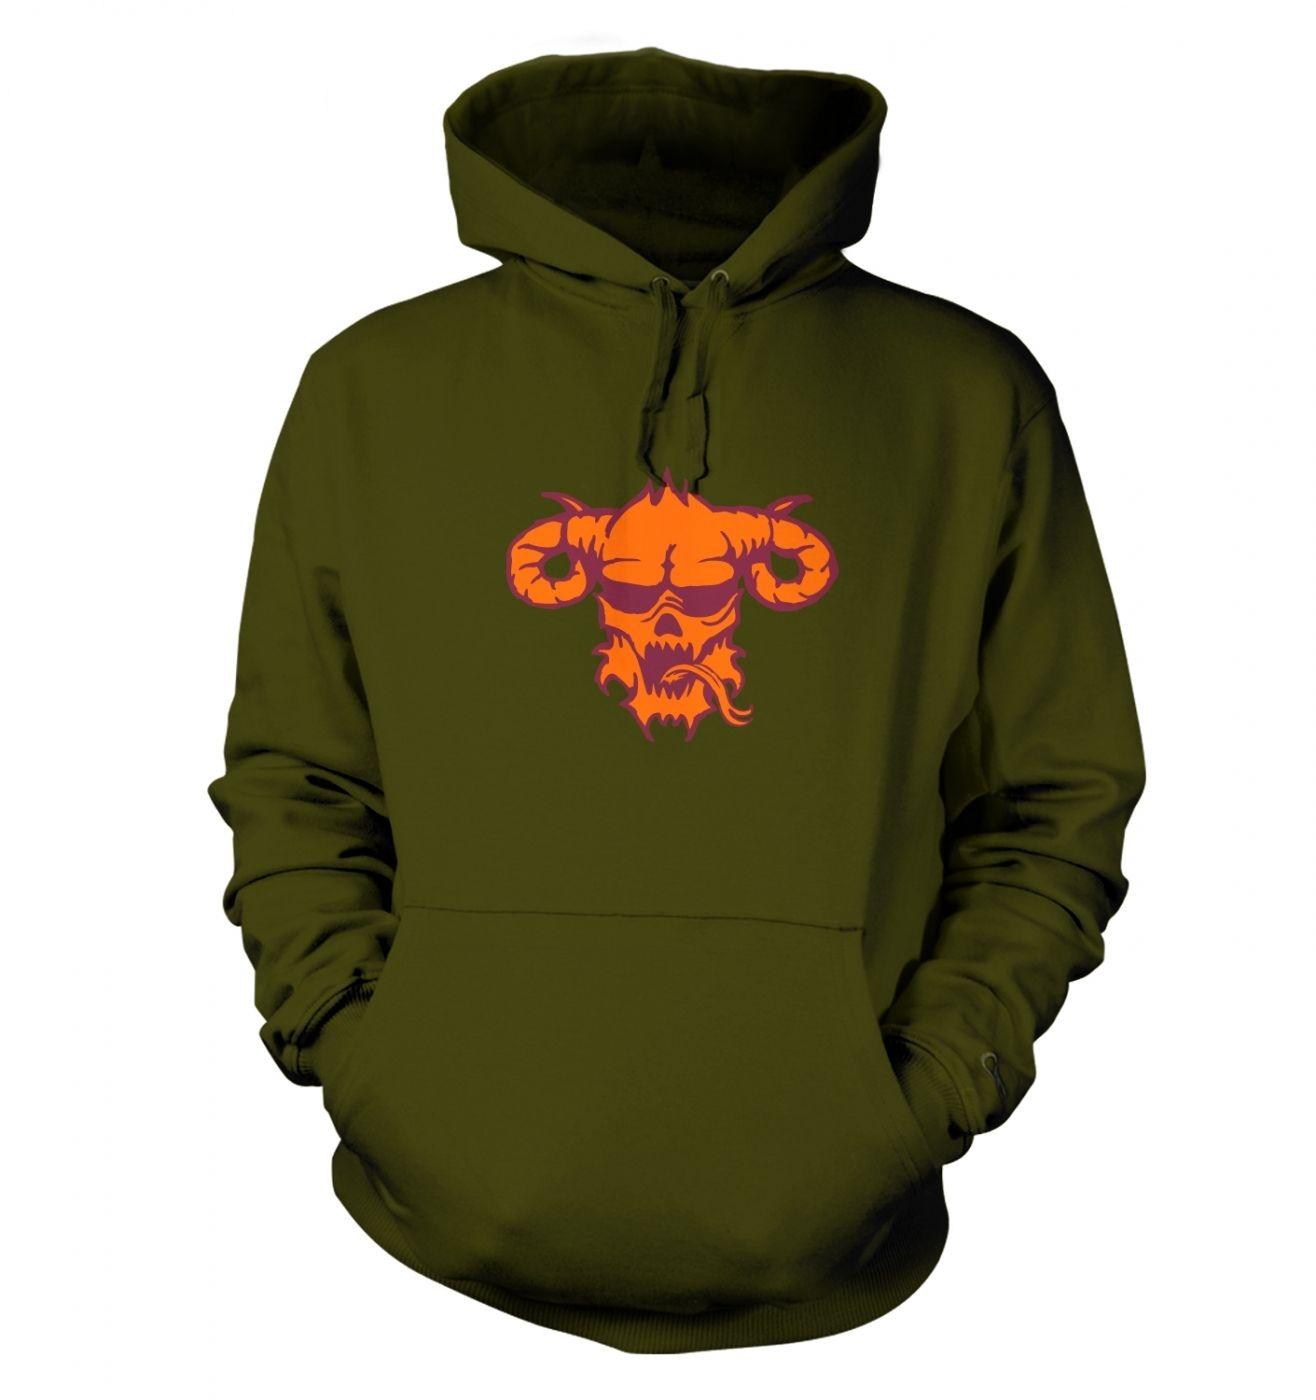 Orange Demon's Head hoodie